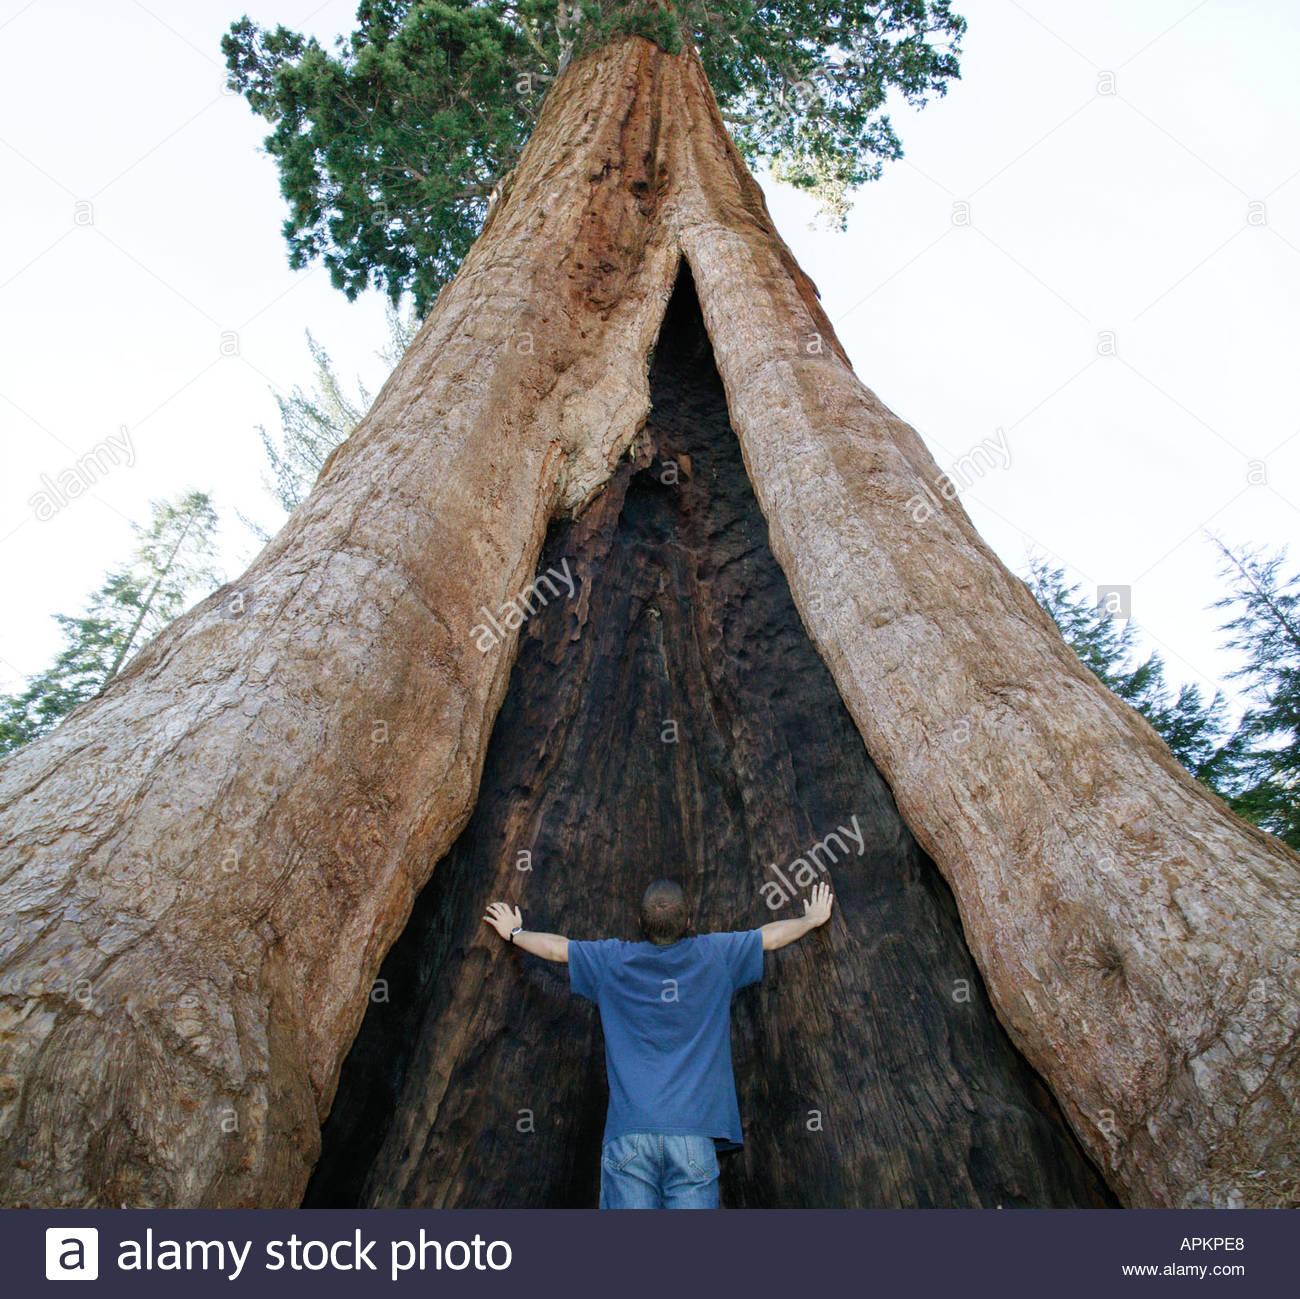 Los árboles Sequoia. (Sequoia National Park, California, EE.UU.) Imagen De Stock